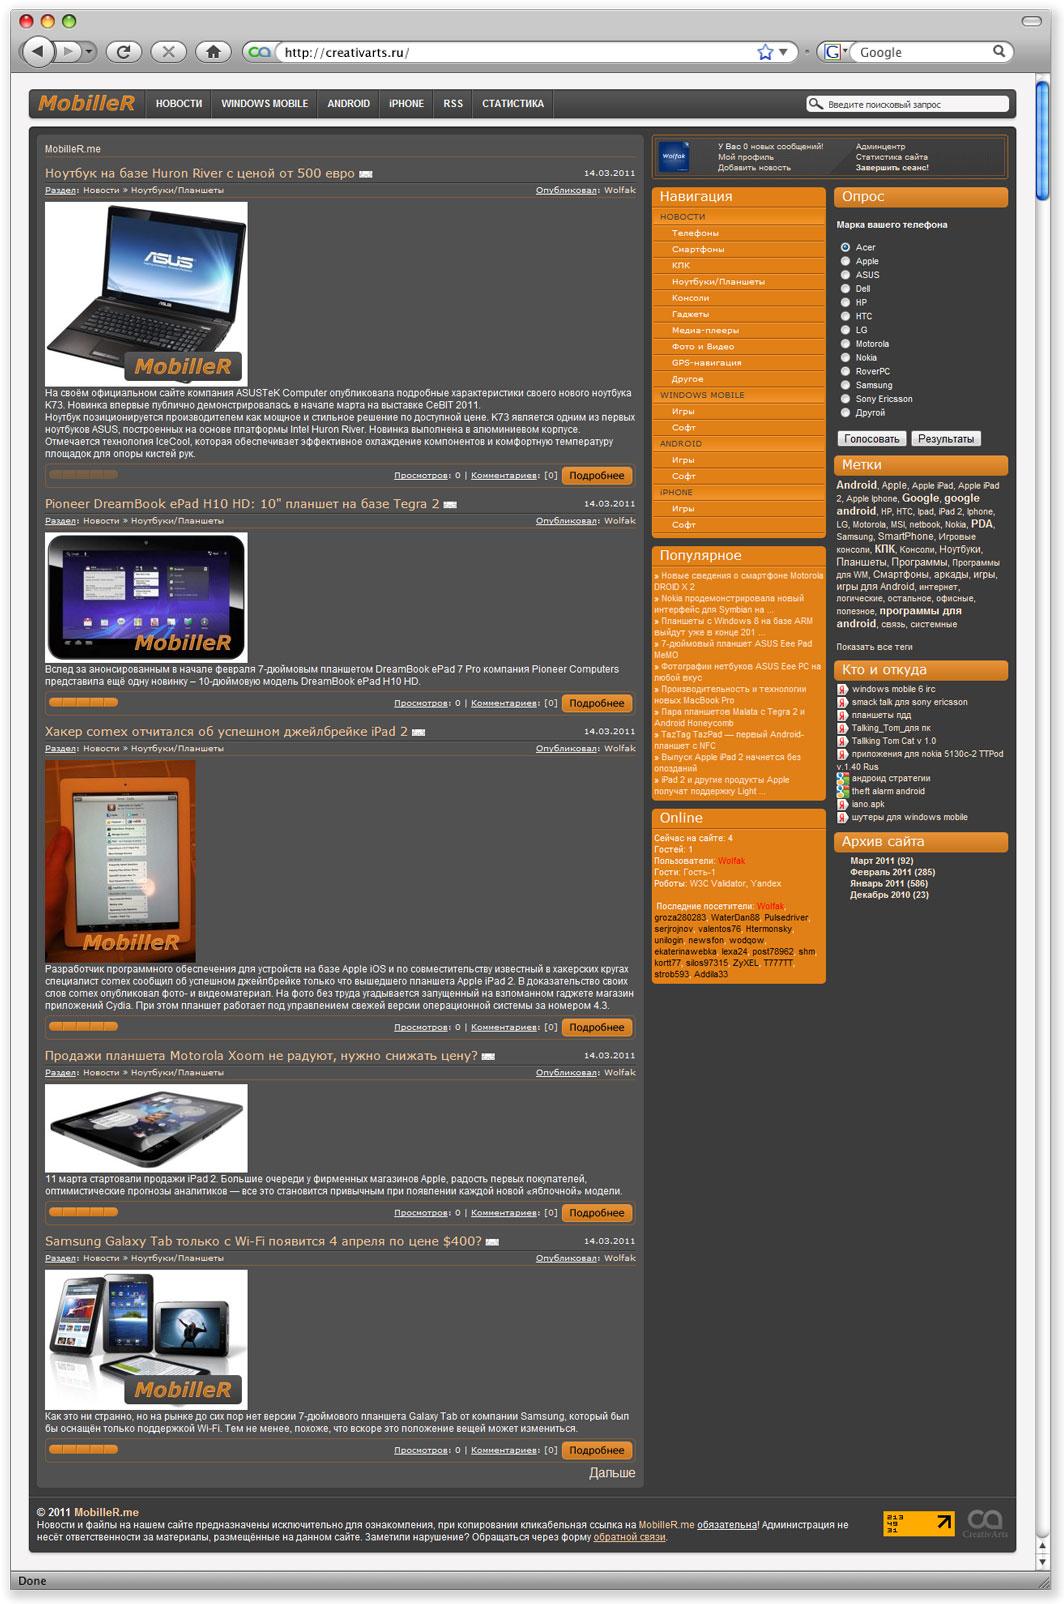 Сайт с новостями и файлами для смартфонов MobilleR купить